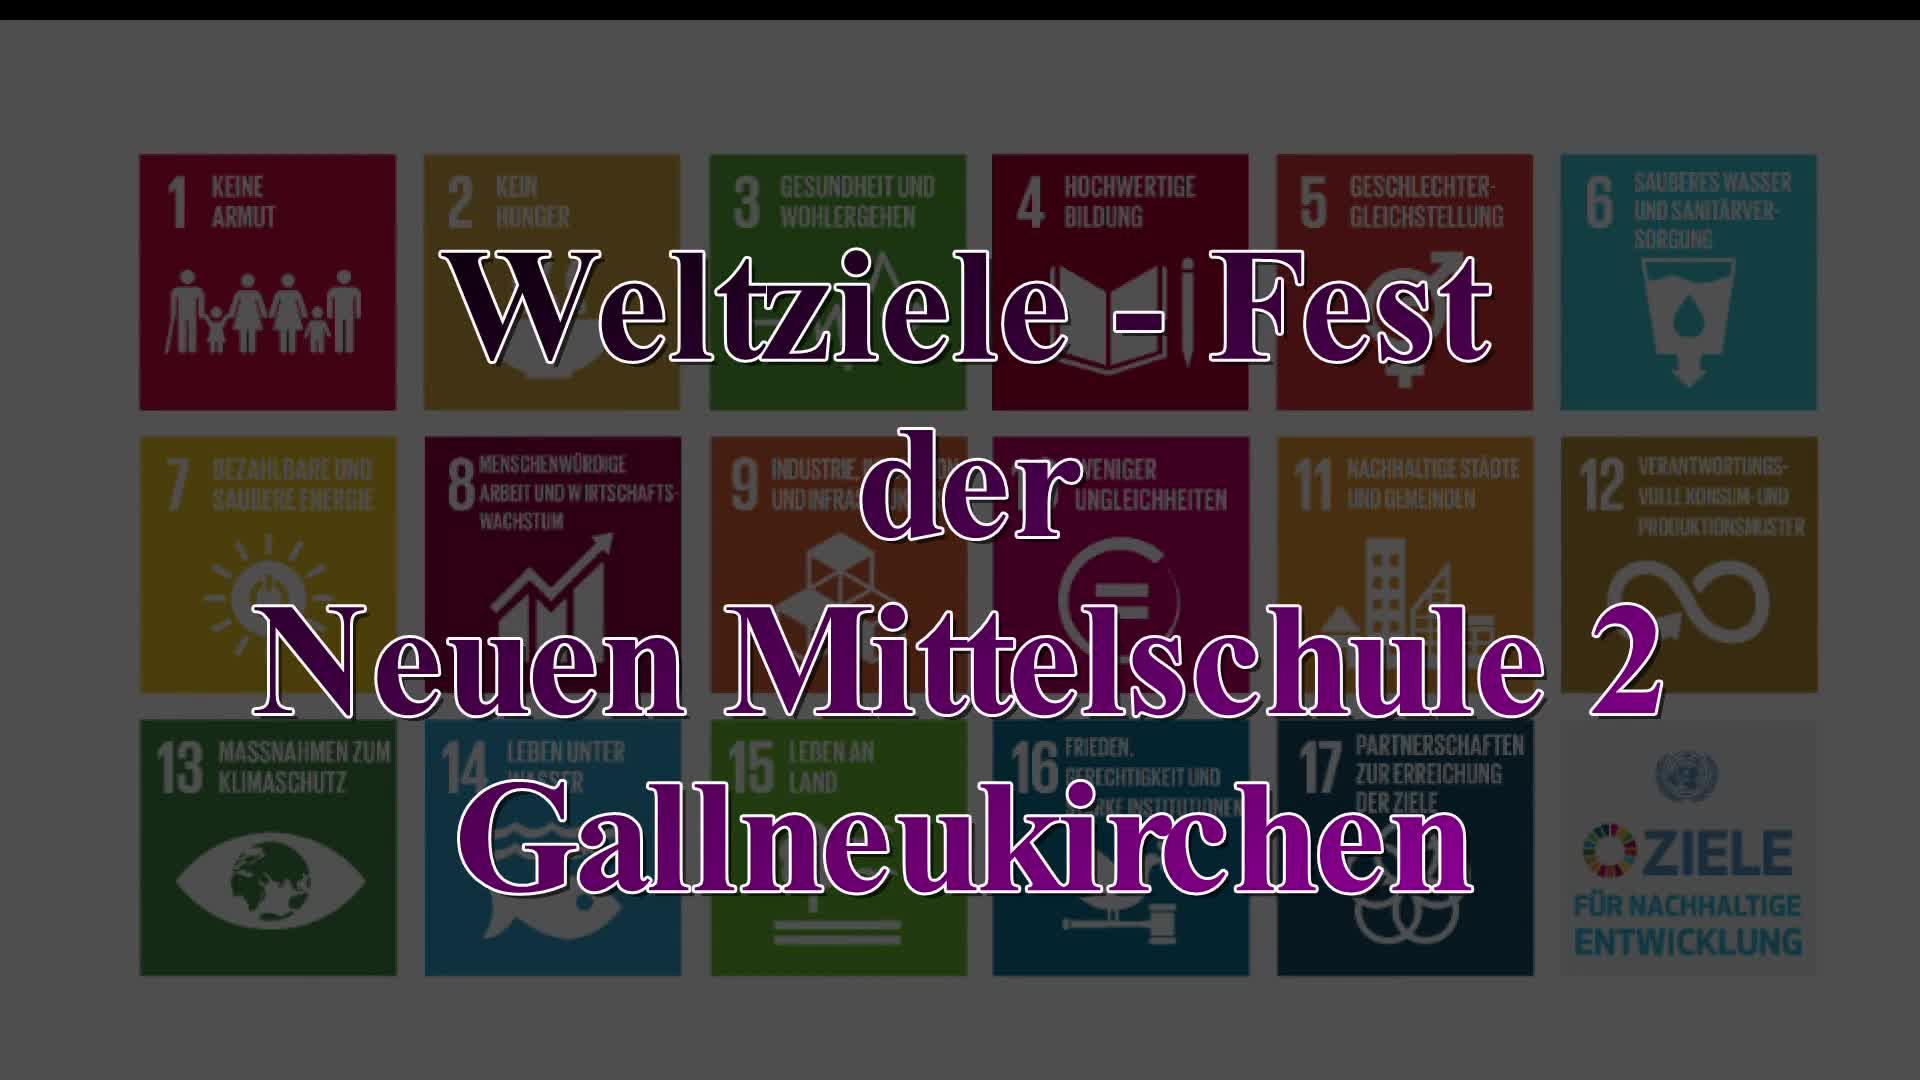 Weltziele-Fest der NMS 2 am Warschenhofergut